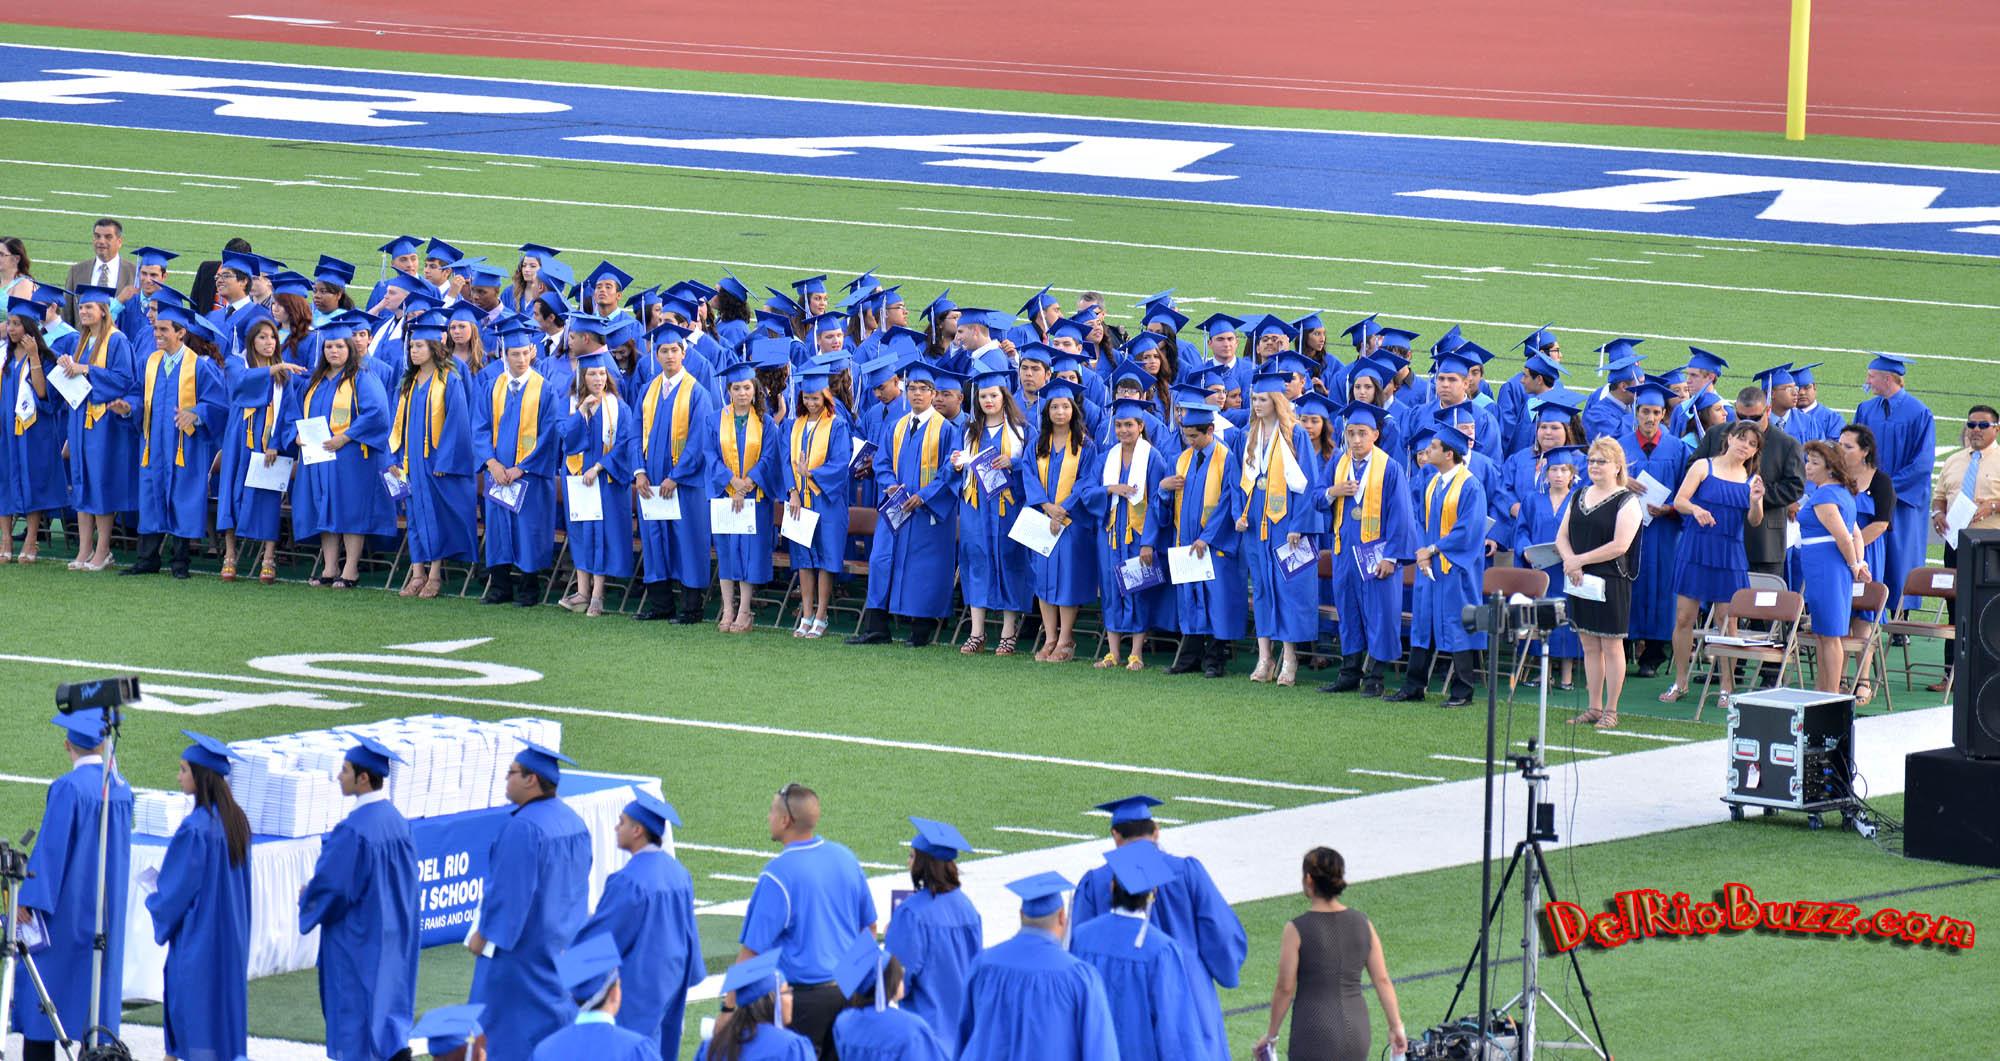 Del Rio High School Graduation 2013 With Regard To Del Rio Highschool